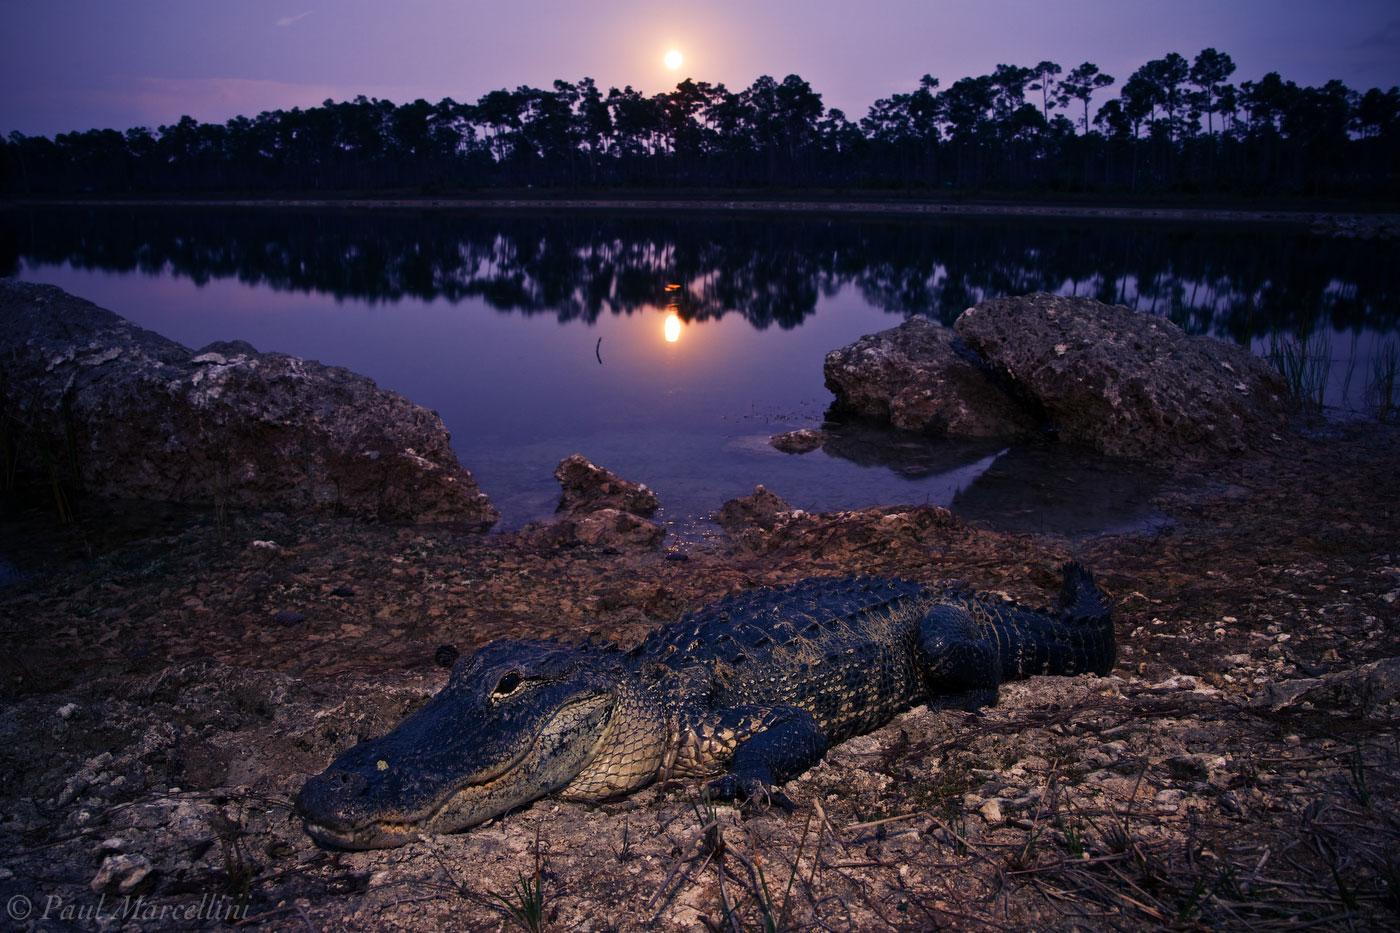 American Alligator, Alligator mississippiensis, moon, everglades, photo